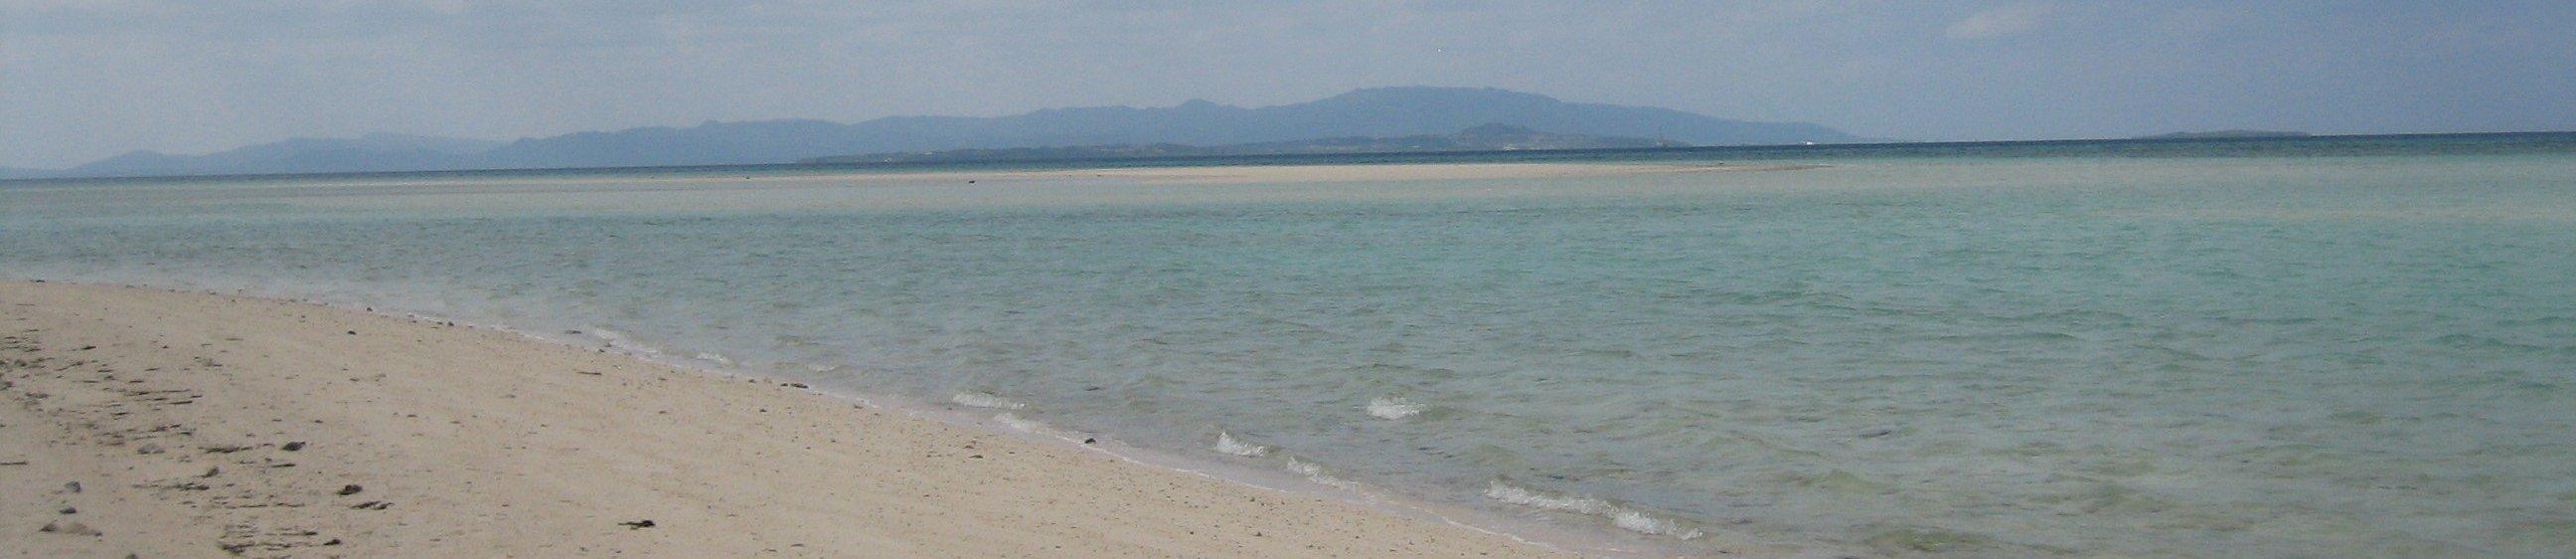 沖縄 banner image